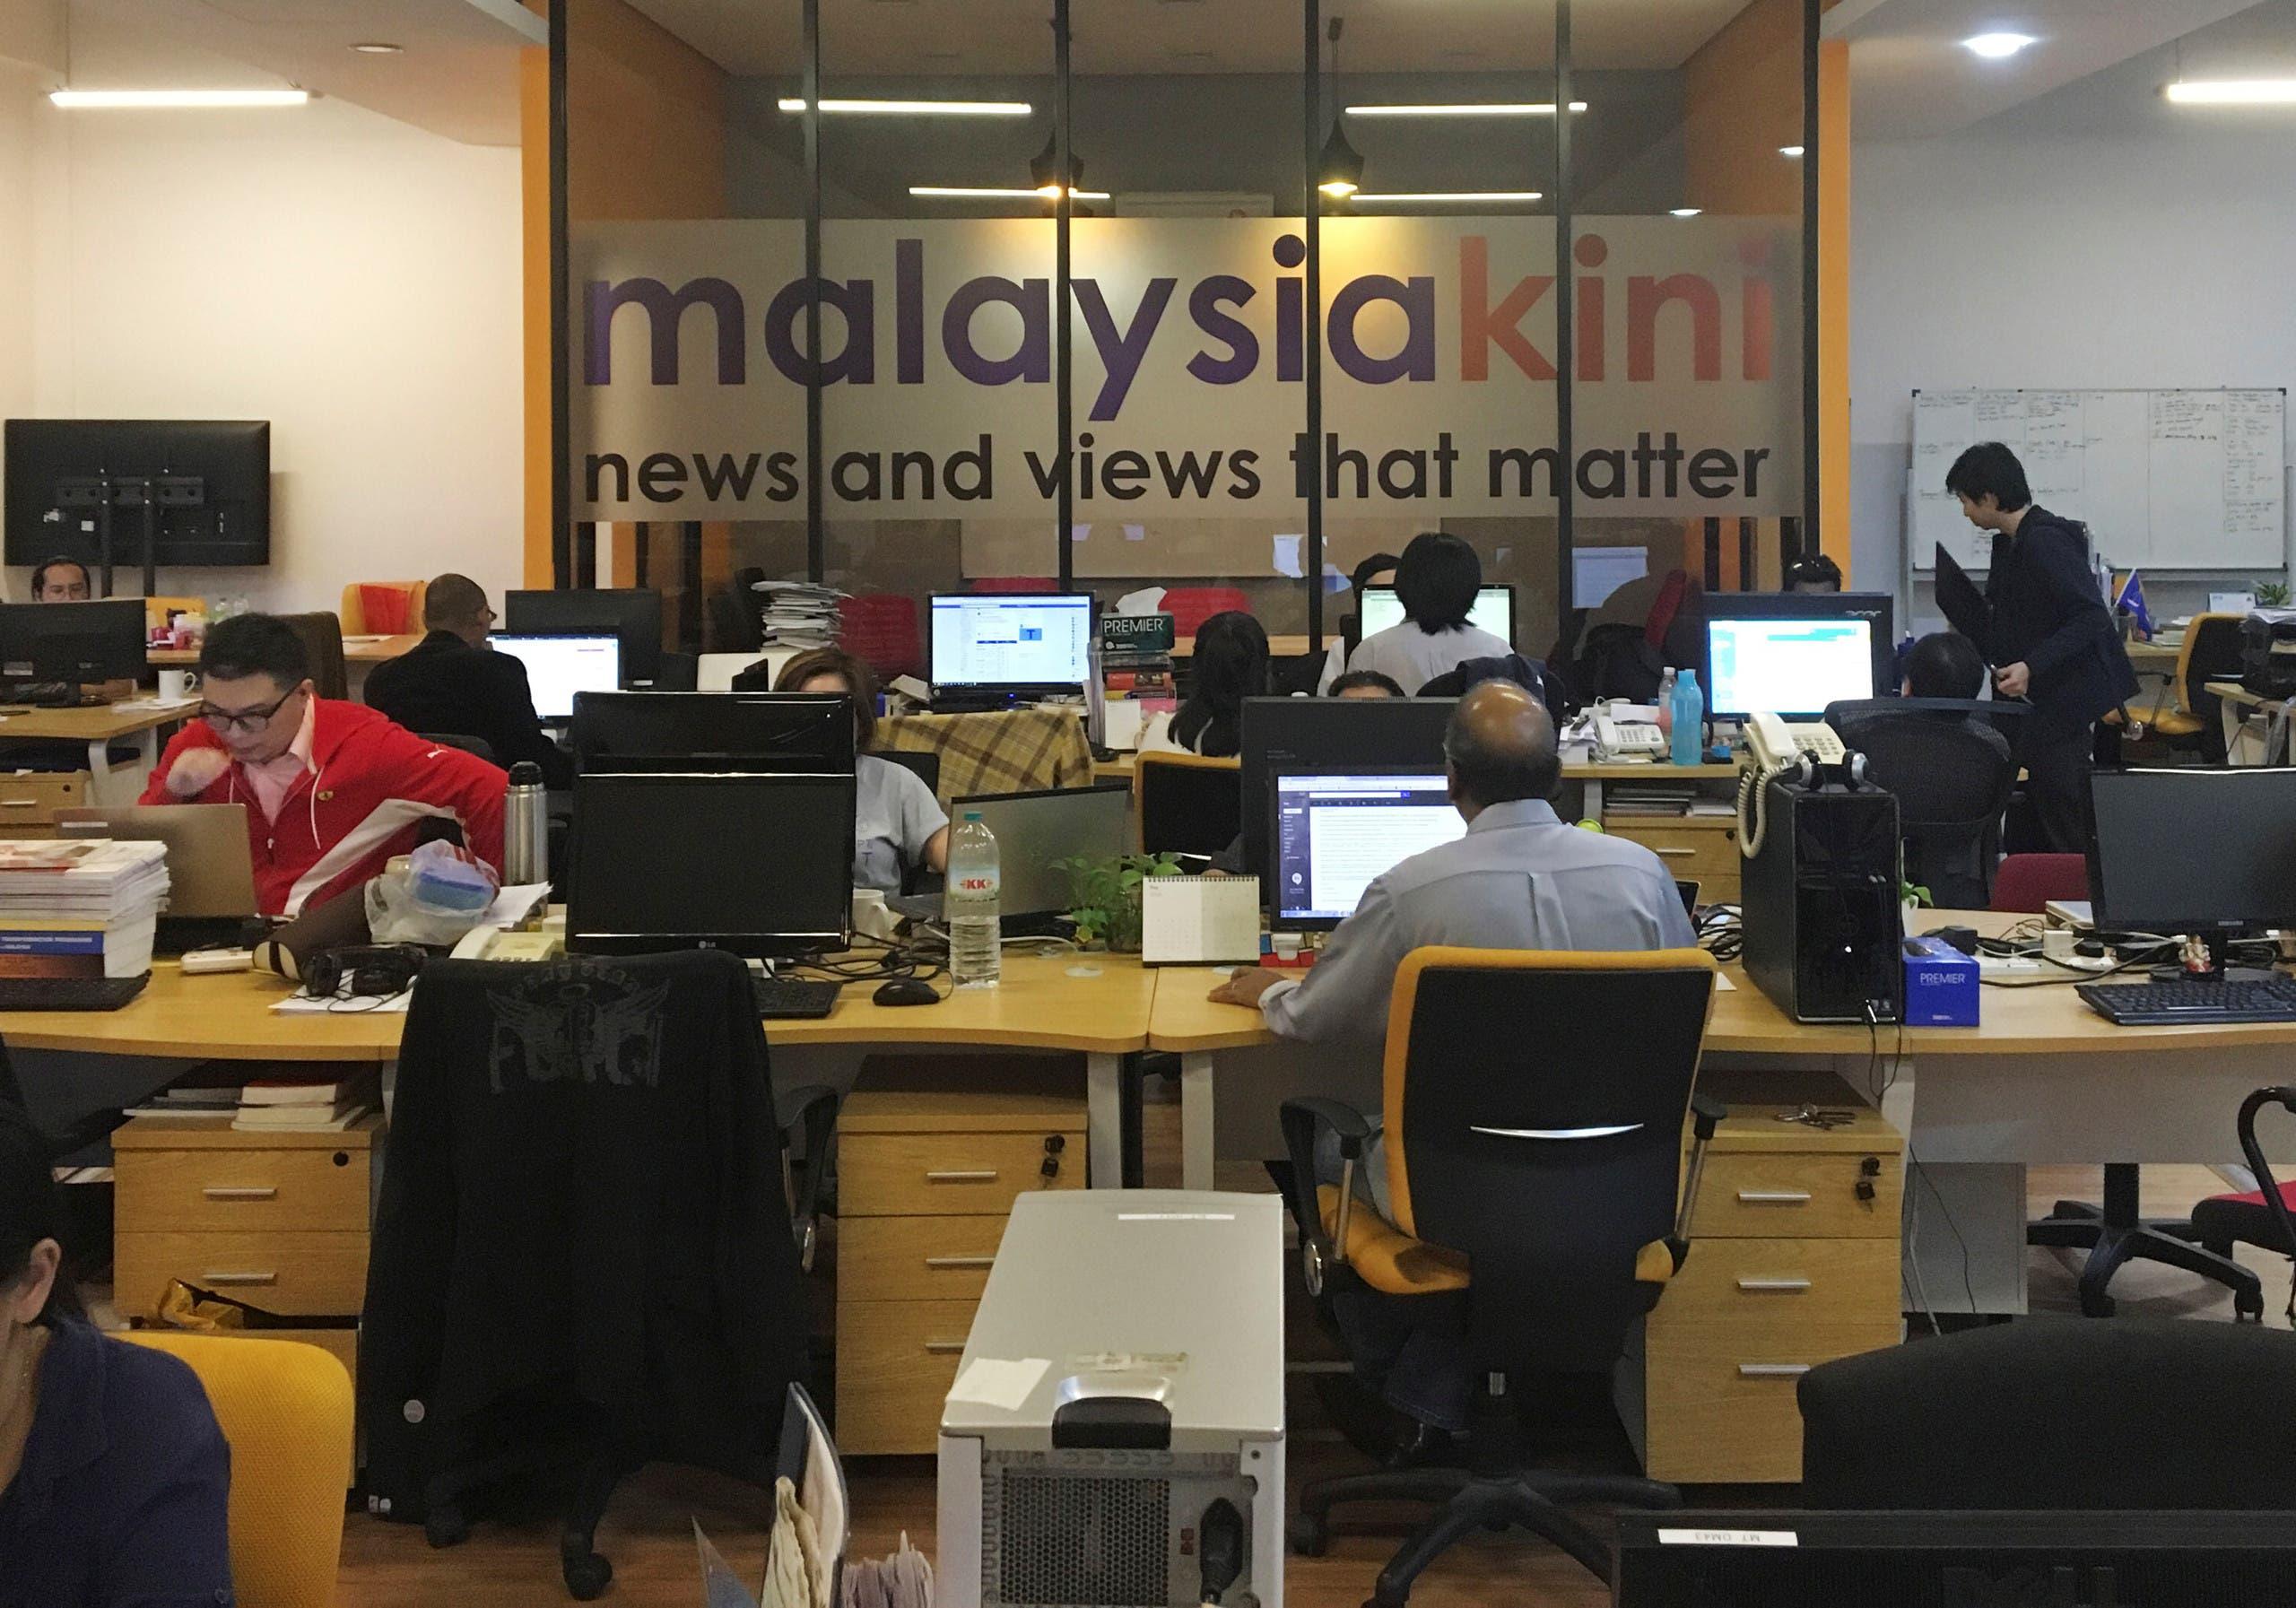 A general view of Malaysiakini's newsroom in Kuala Lumpur, Malaysia May 24, 2018. (File photo: Reuters)